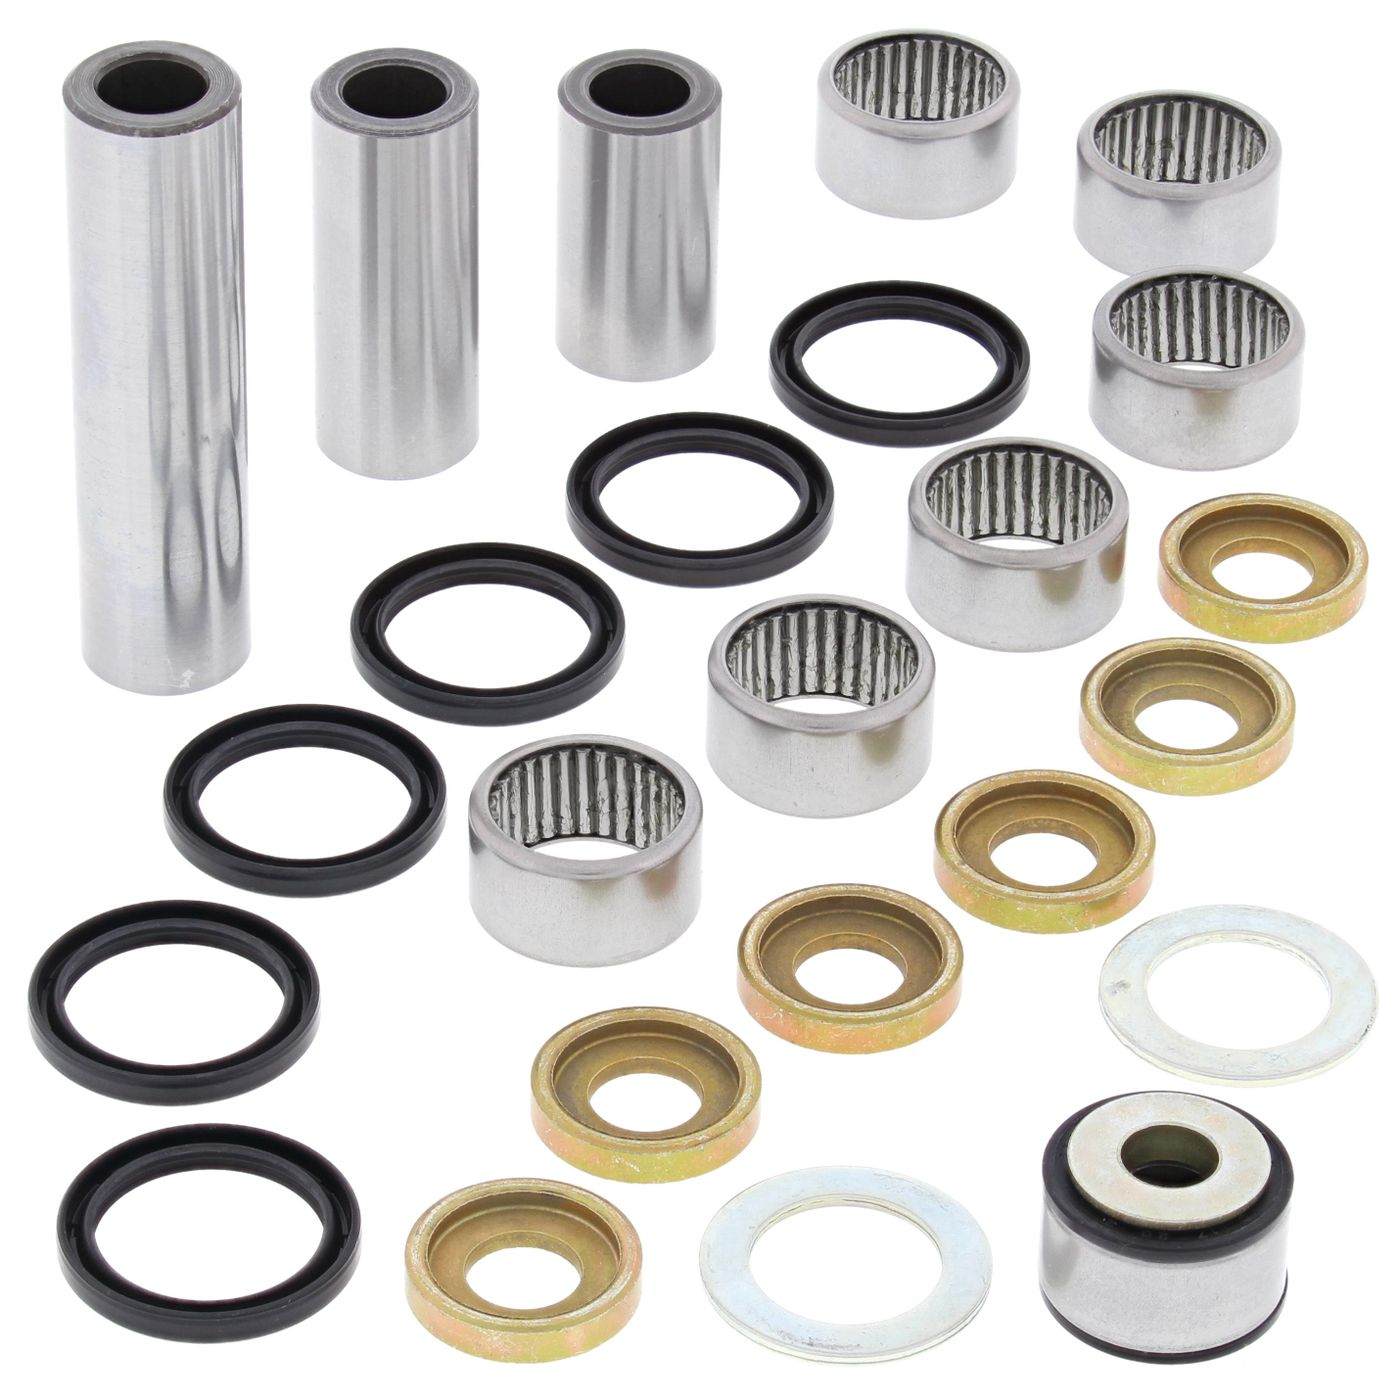 wrp shock linkage bearing kits - WRP271005 image